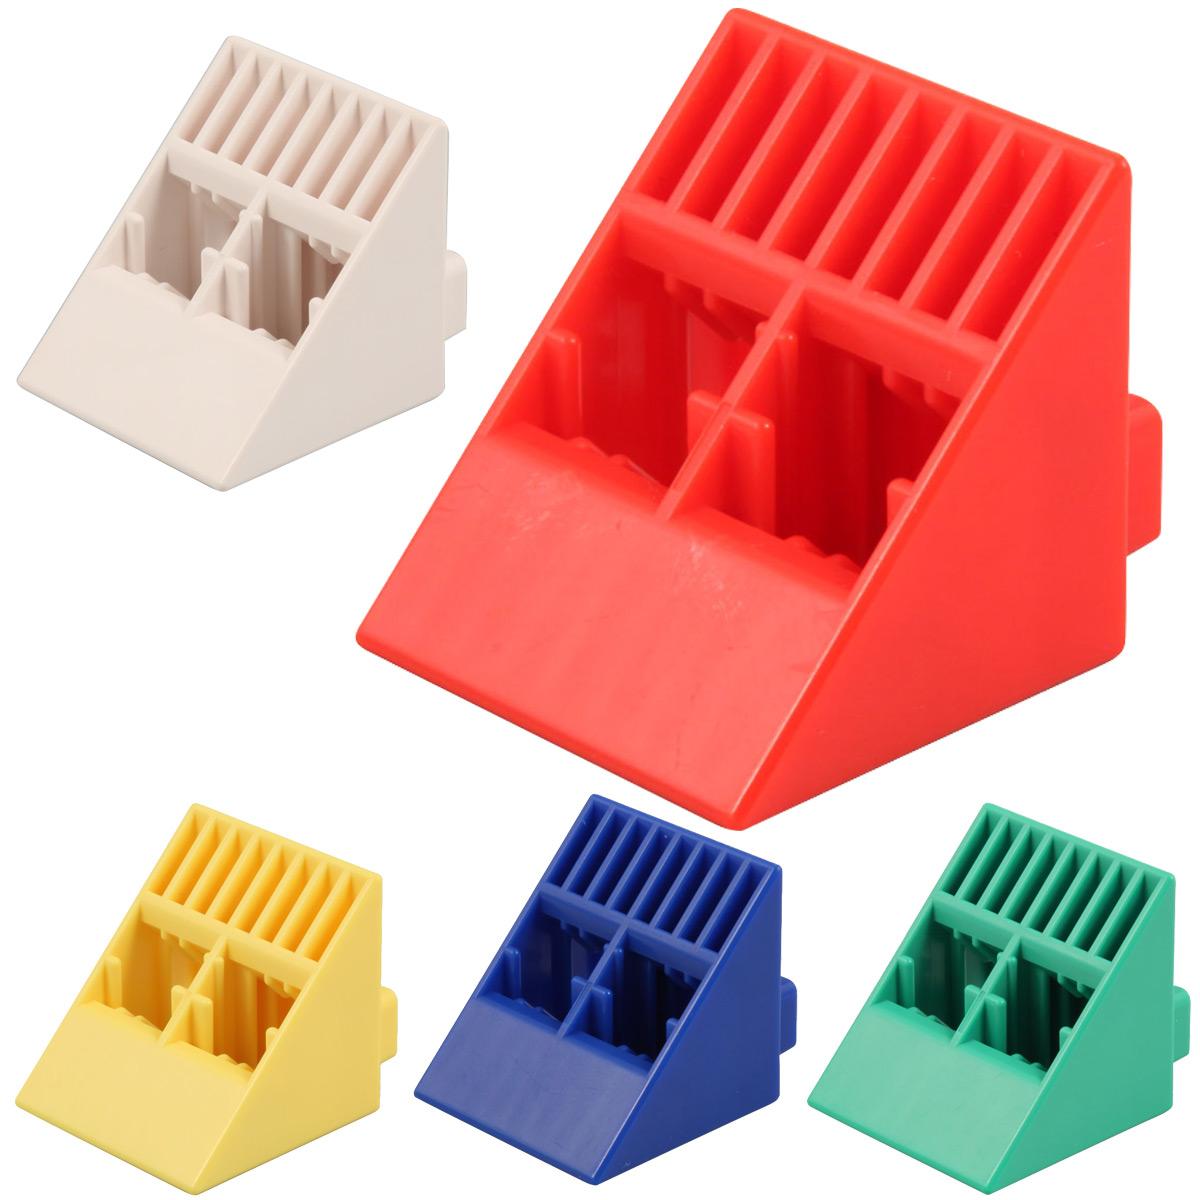 アーテックブロック L ブロック おもちゃ 三角単品 6ピースセット(1色) 日本製 ゲーム 玩具 レゴ・レゴブロックのように自由に遊べます クリスマスプレゼント